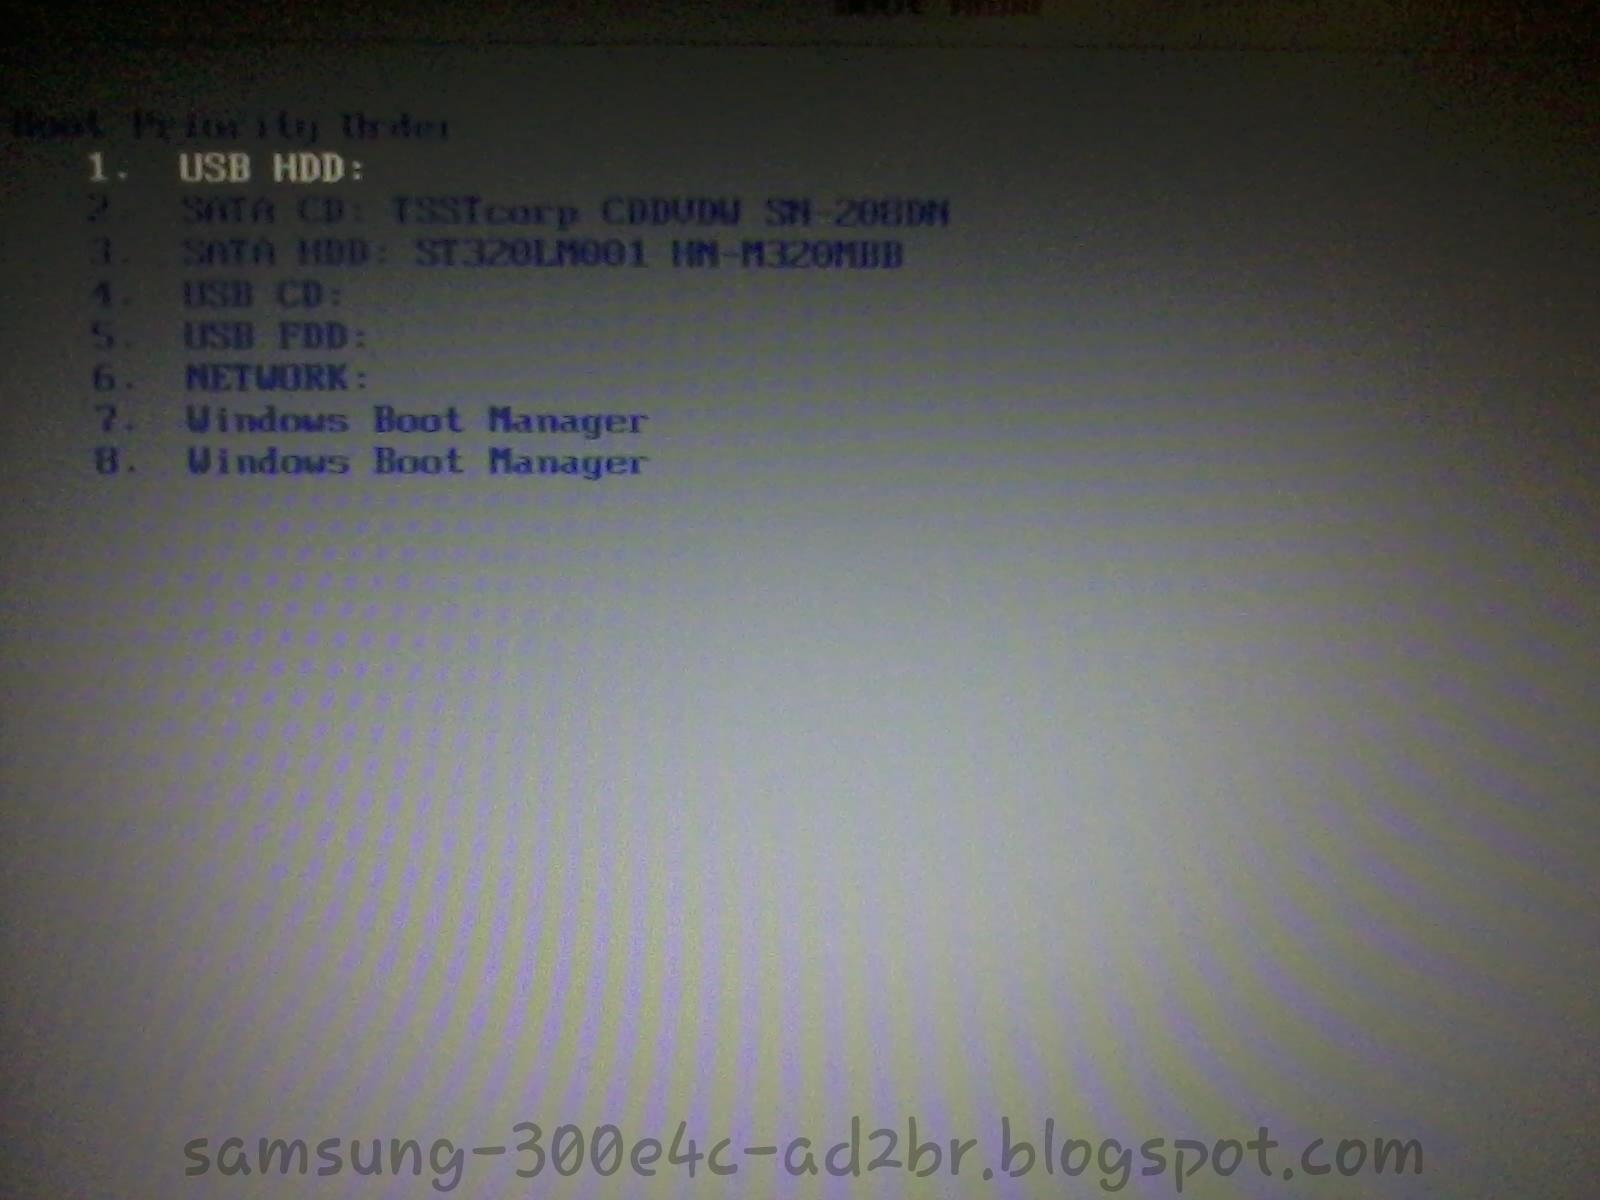 Notebook samsung dar boot - E Mude A Ordem De Boot Colocando Como Primeiro Usb Hdd Como Mostra A Imagem Abaixo